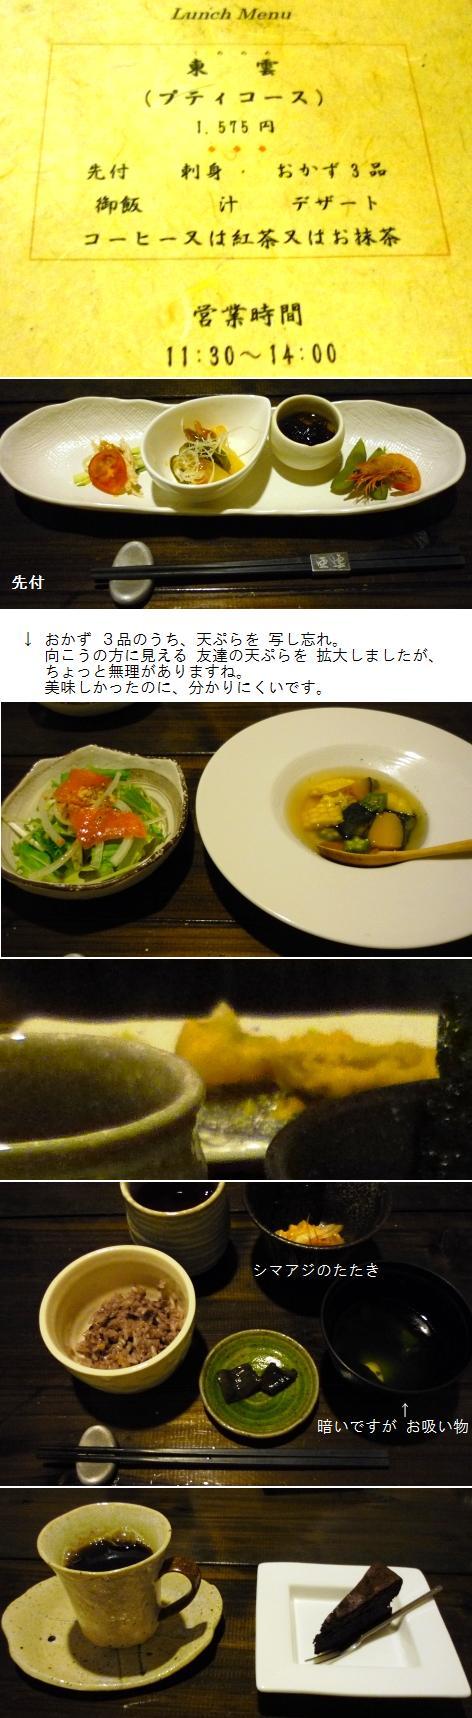 a亜雲P1190095